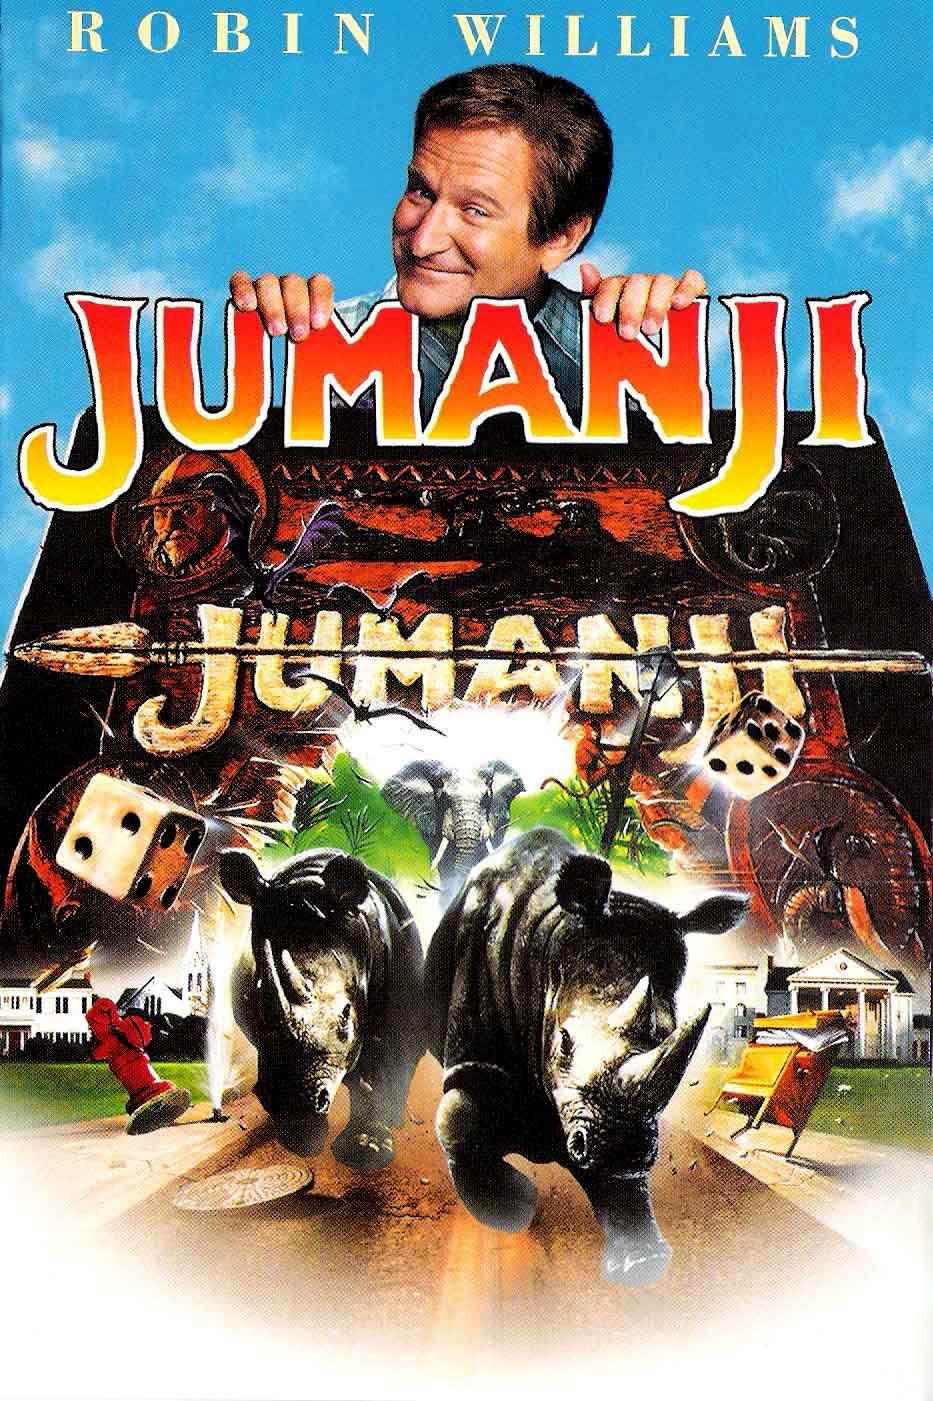 Jumanji (film, 1995)